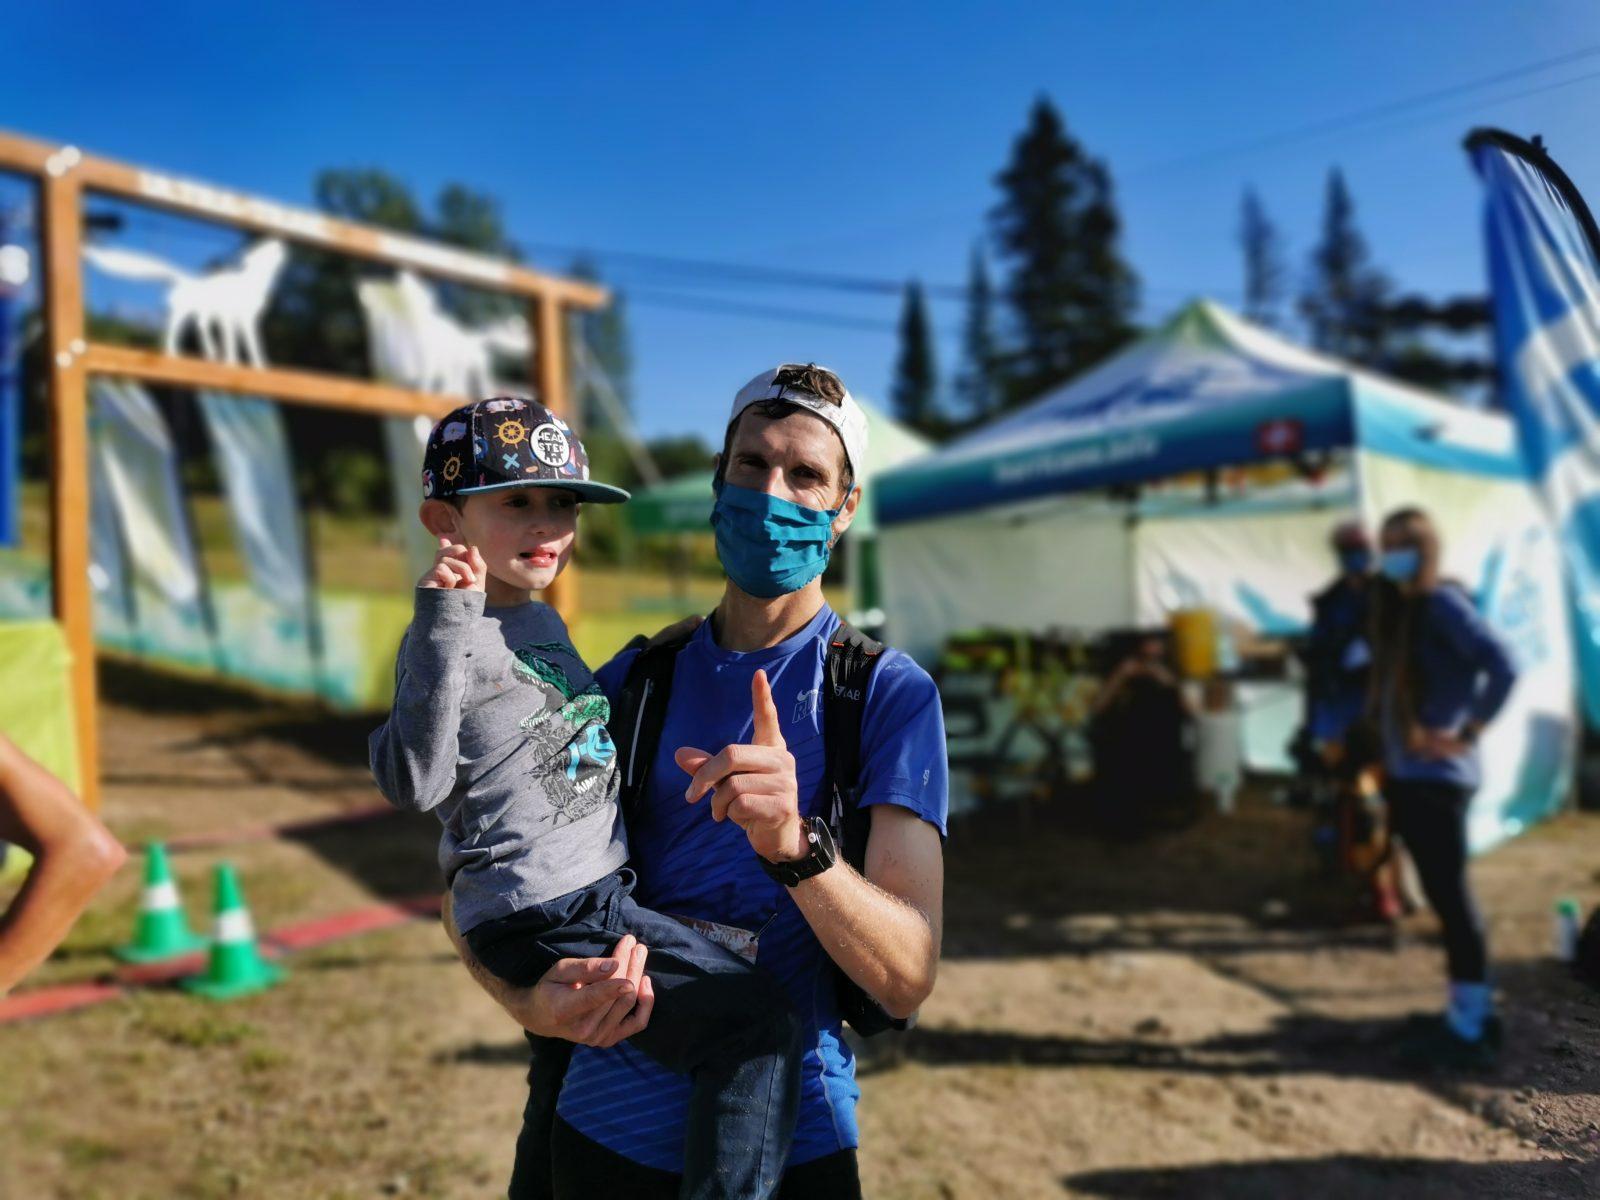 David Savard Gagnon remporte le 125 km de l'Ultra-Trail Harricana